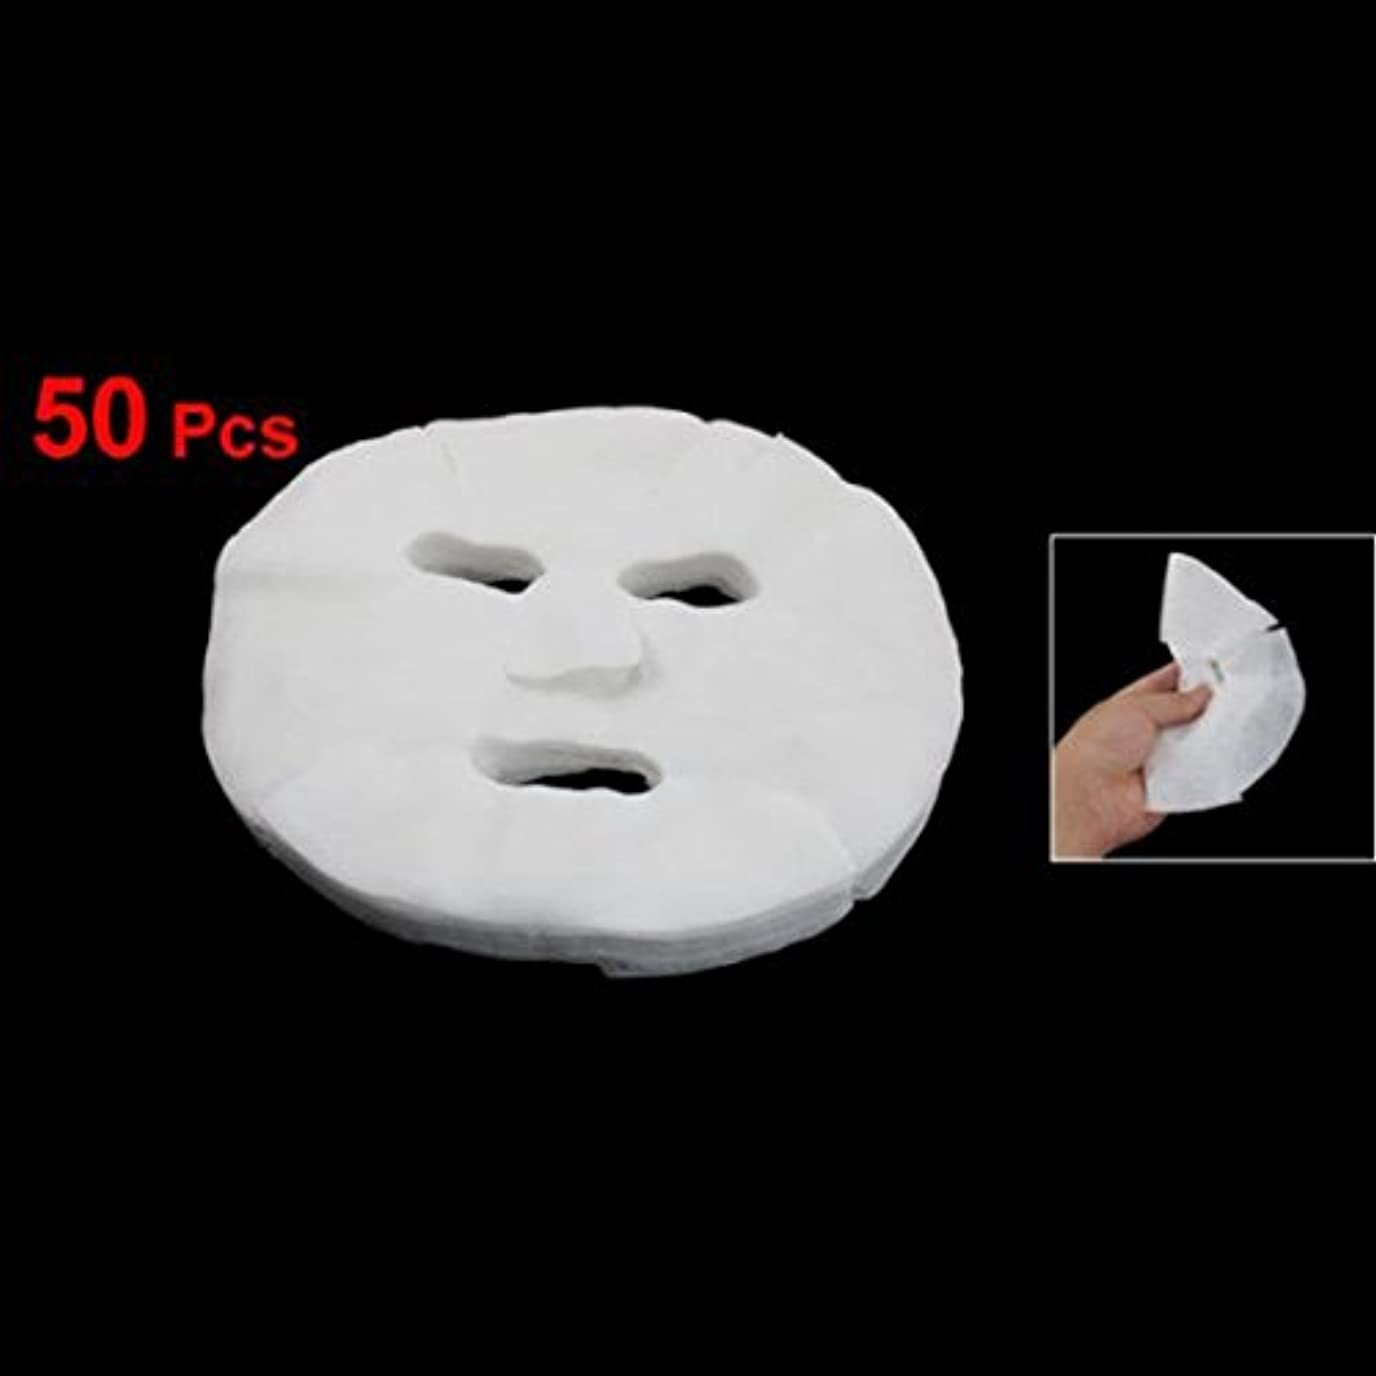 カナダフルート経済的RETYLY RETYLY(R)50pcs女性の化粧品拡大コットンフェイシャルマスクシート